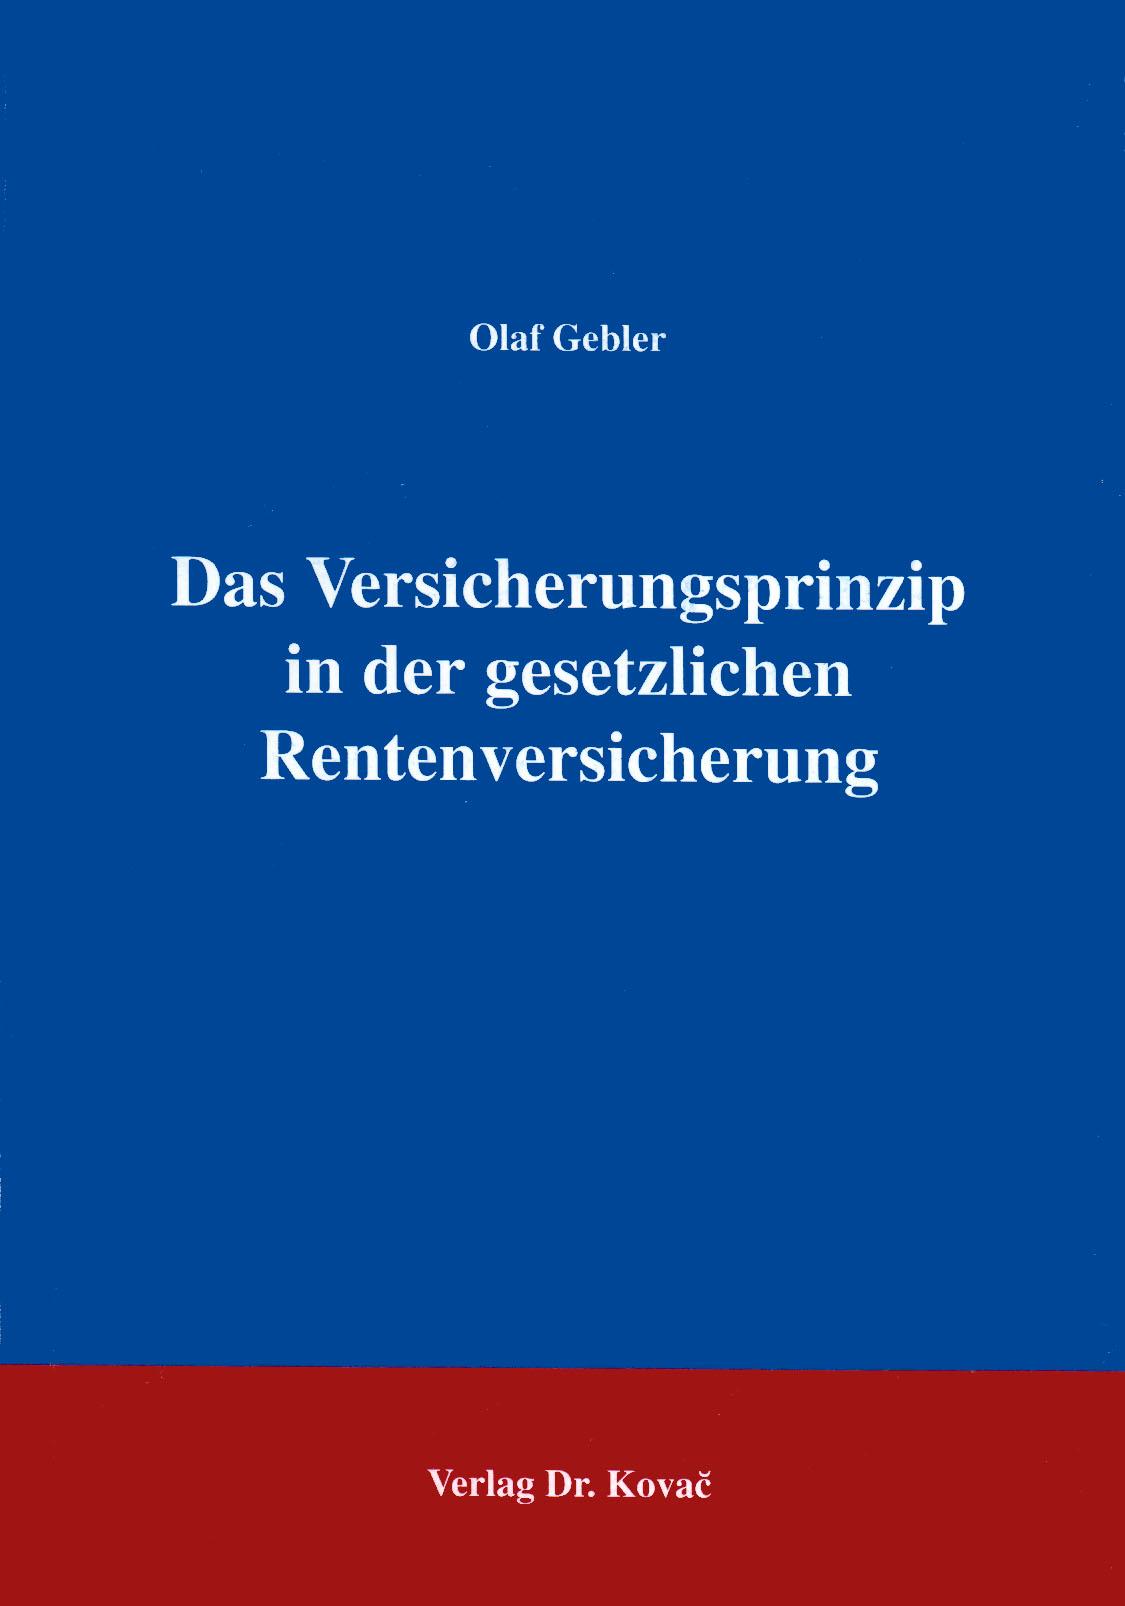 Cover: Das Versicherungsprinzip in der gesetzlichen Rentenversicherung